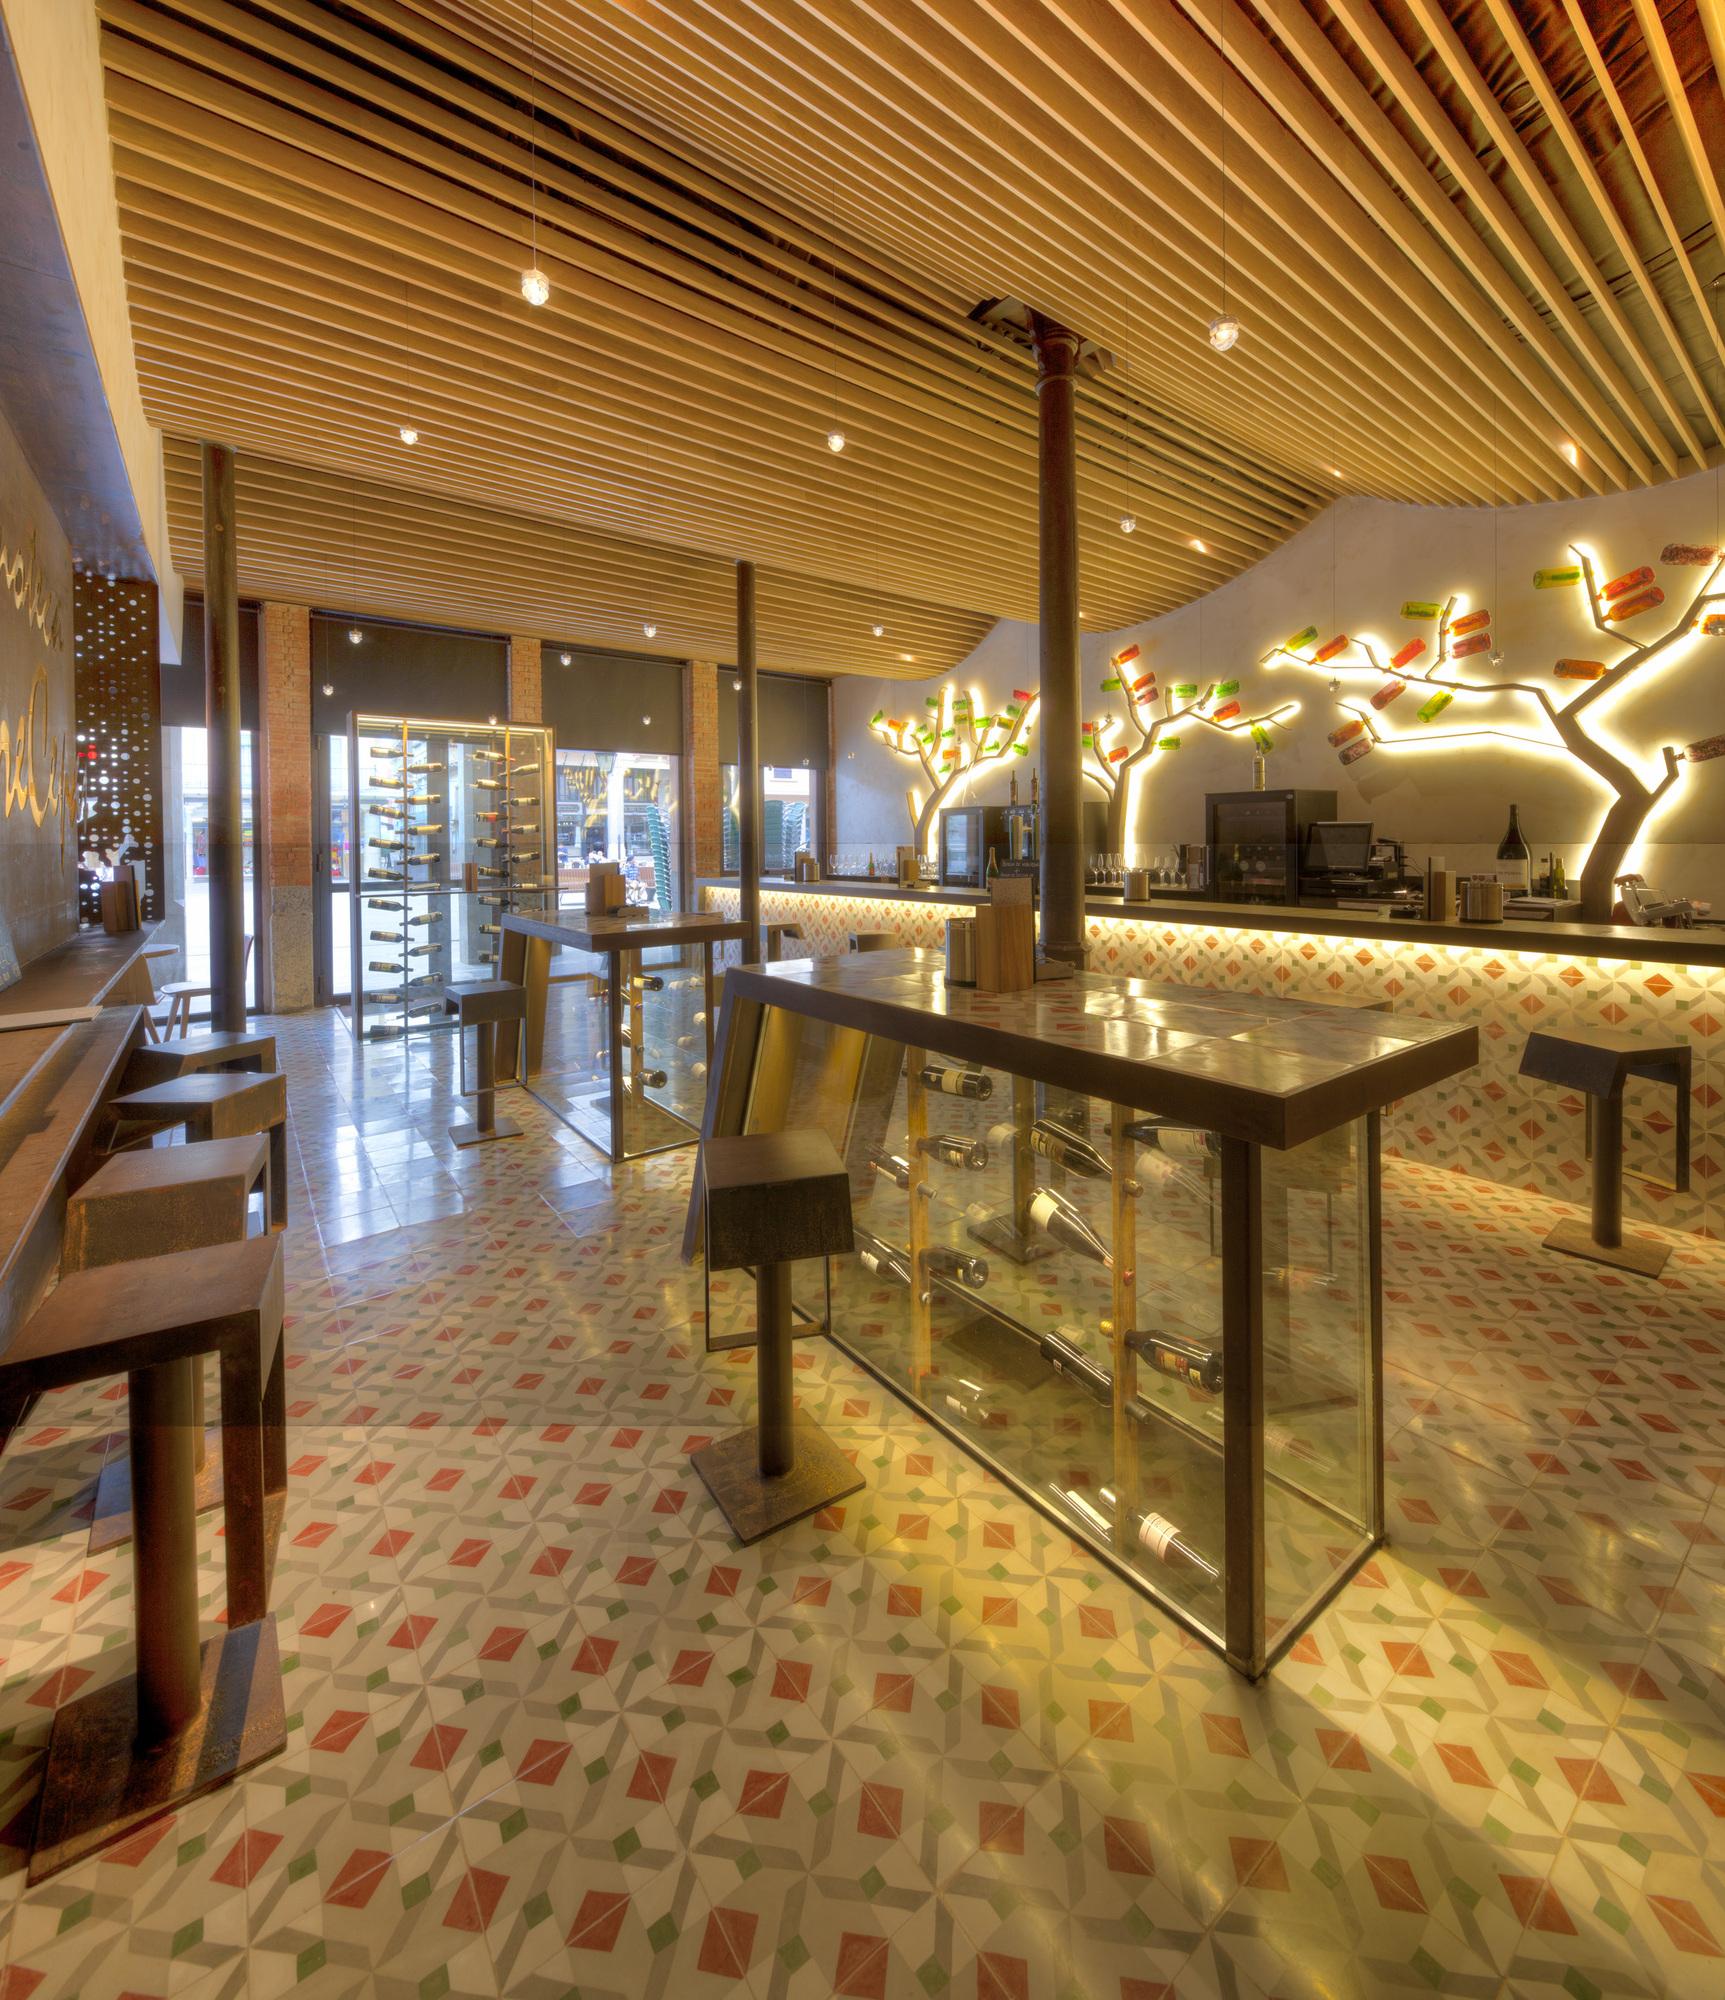 Vinhoteca e Restaurante Entrecepas / VIrginiaarq, © ImagenMas, VIrginiaarq